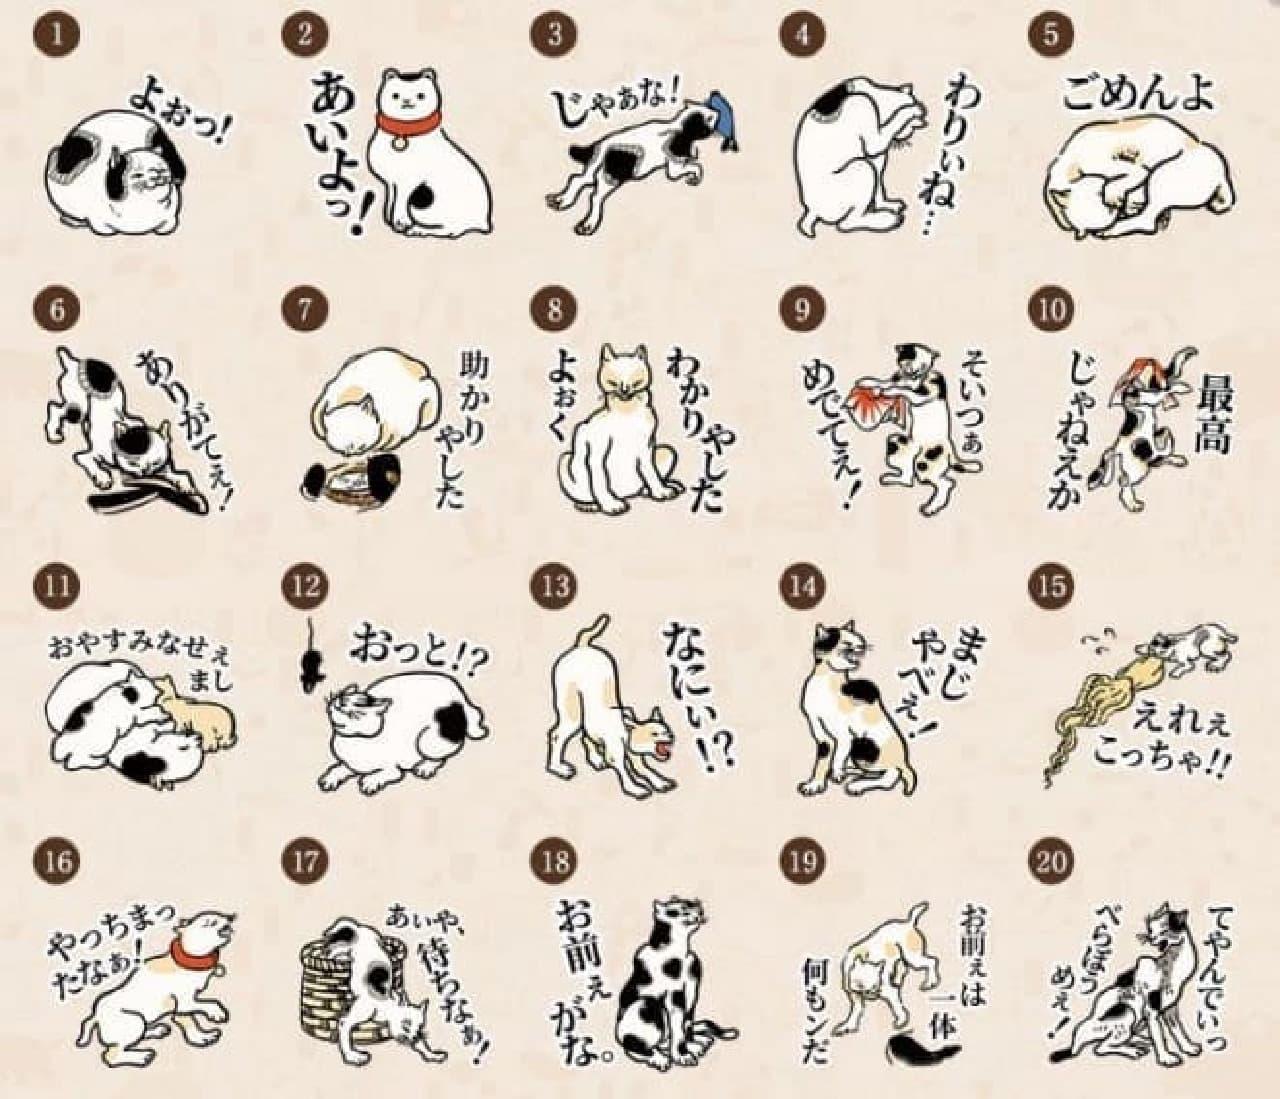 歌川国芳の「猫飼好五十三疋」を意匠化した「五十三疋のねこずかん コミュニケーションスタンプ」